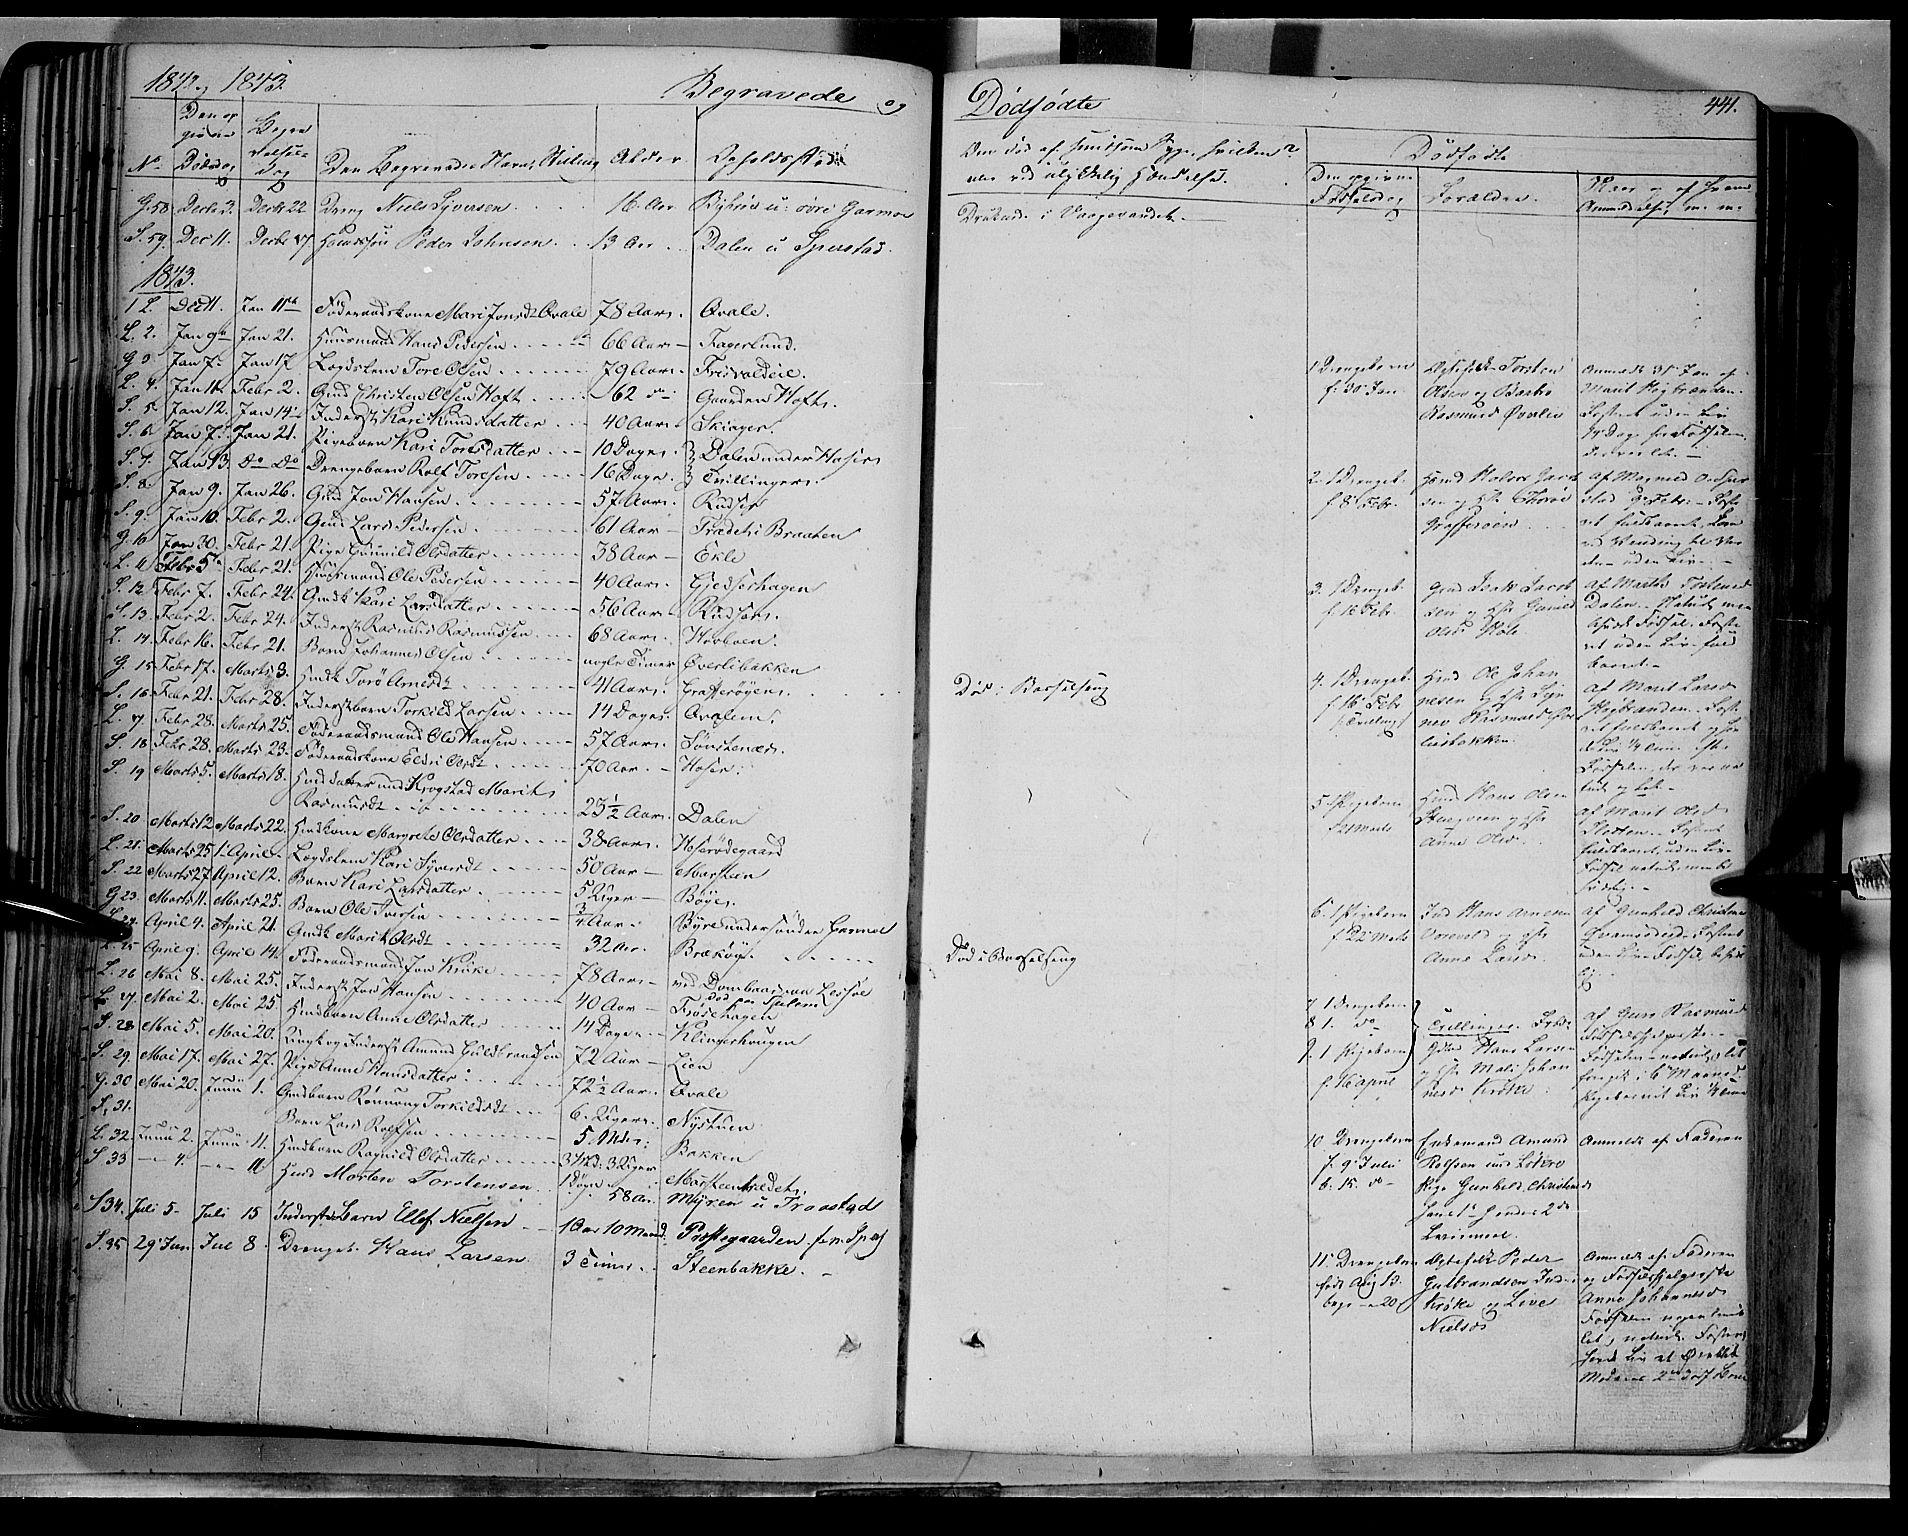 SAH, Lom prestekontor, K/L0006: Ministerialbok nr. 6B, 1837-1863, s. 441